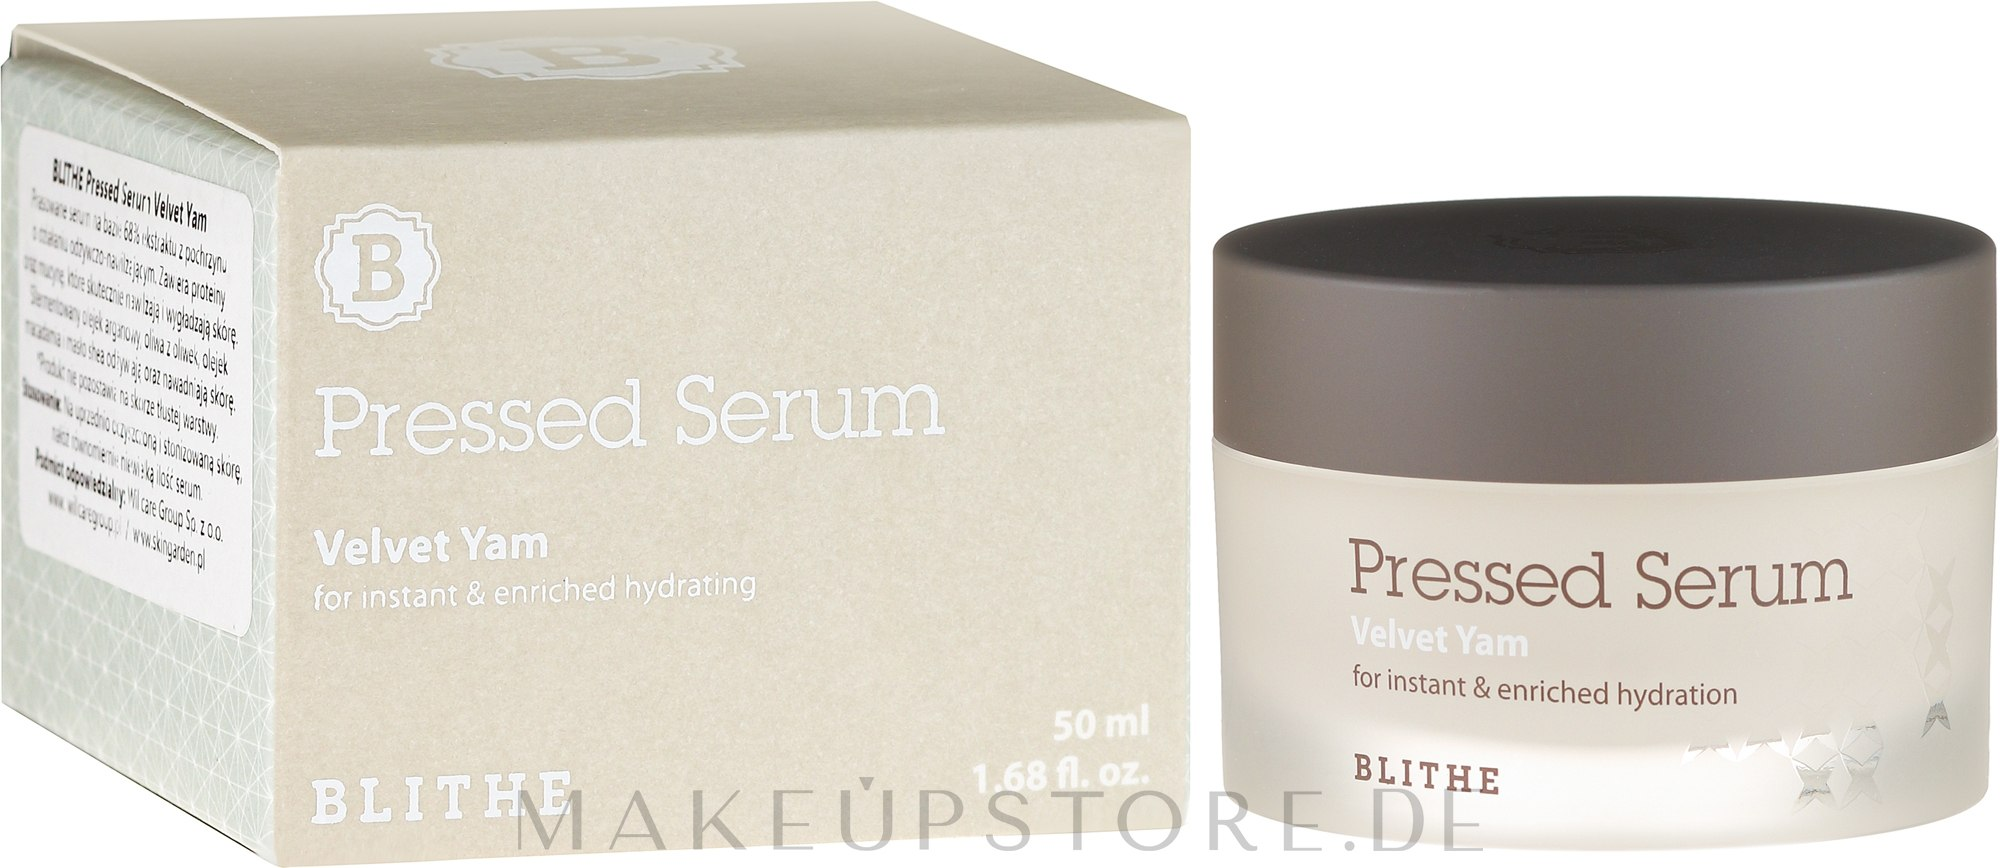 Intensives Feuchtigkeitsserum für das Gesicht - Blithe Pressed Serum Velvet Yam — Bild 50 ml